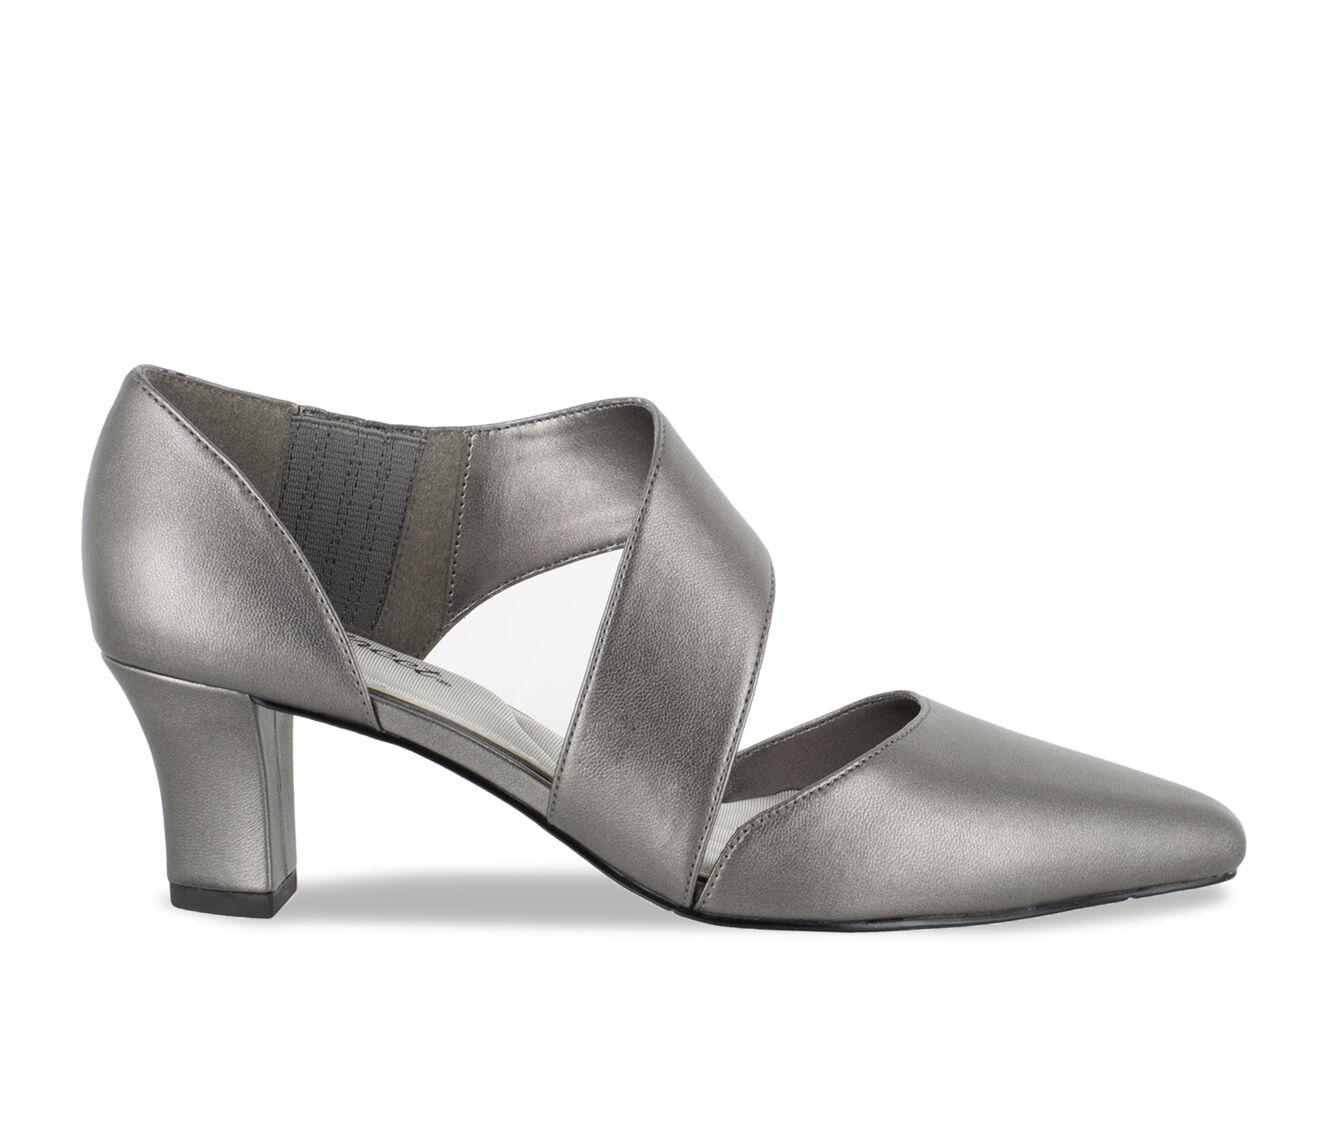 big savings on Women's Easy Street Dashing Shoes Pewter